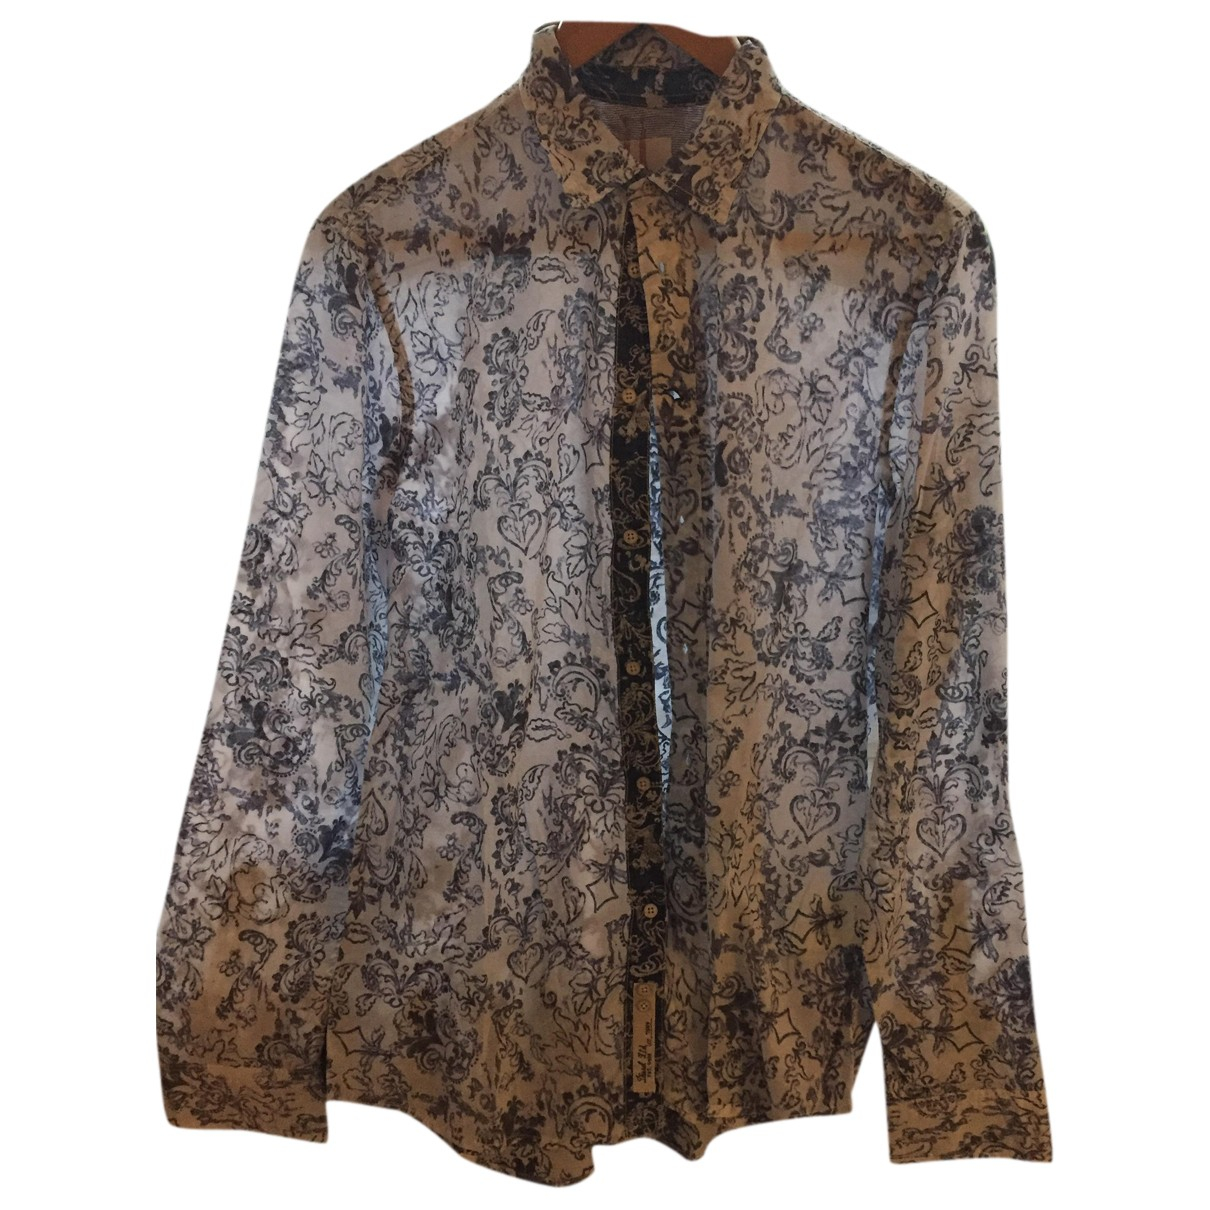 Diesel - Chemises   pour homme en coton